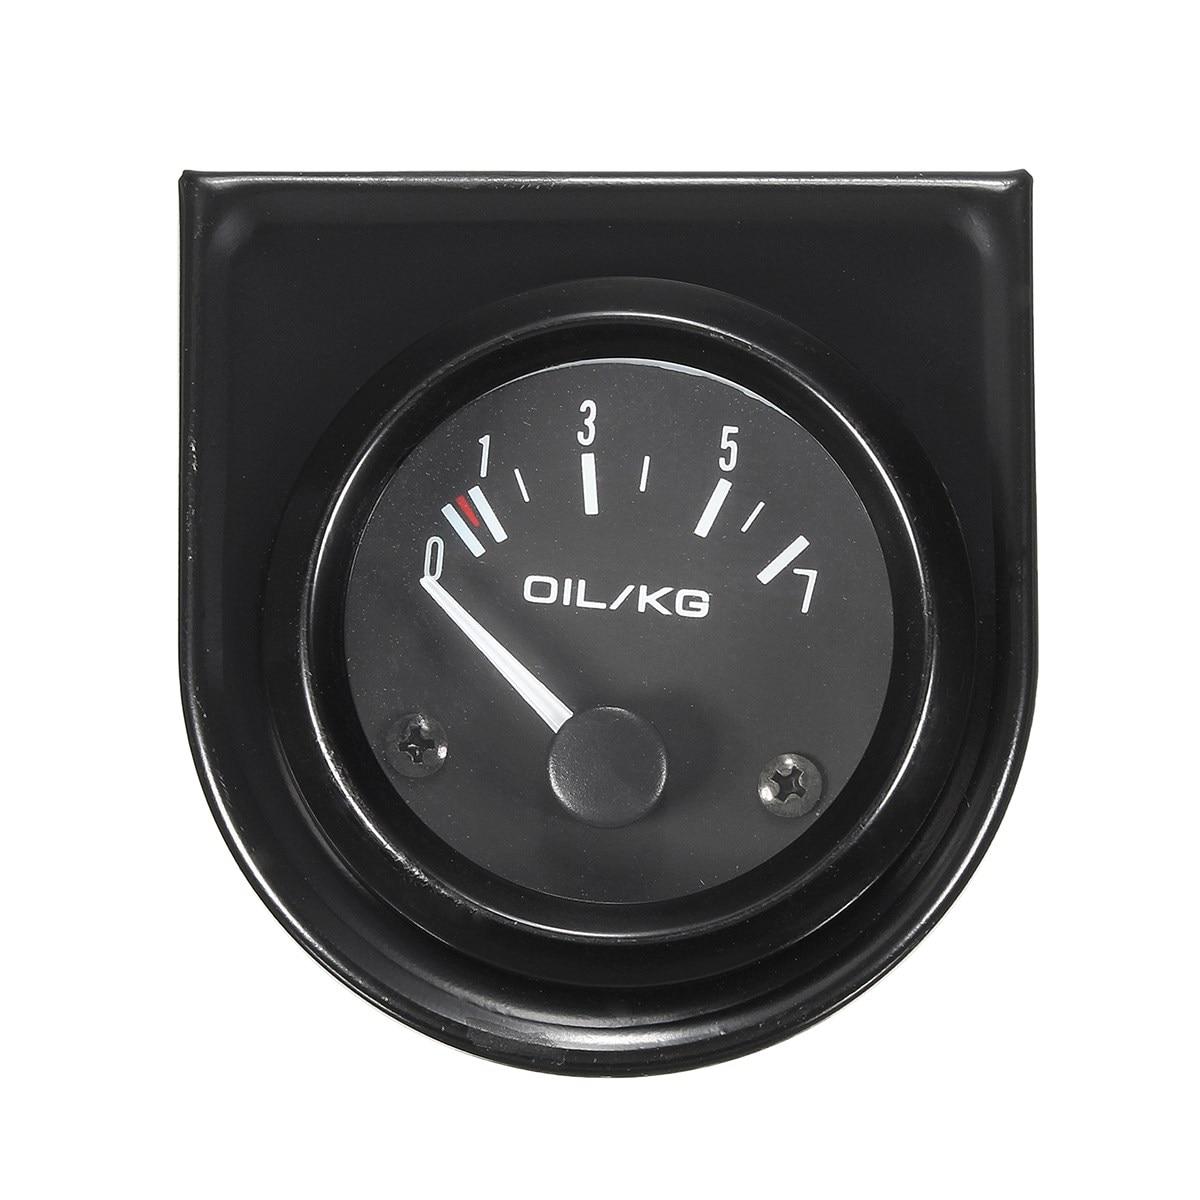 2 pulgadas 52mm coche Universal Negro diales manómetro de aceite 0-7 kg/cm luz LED blanco